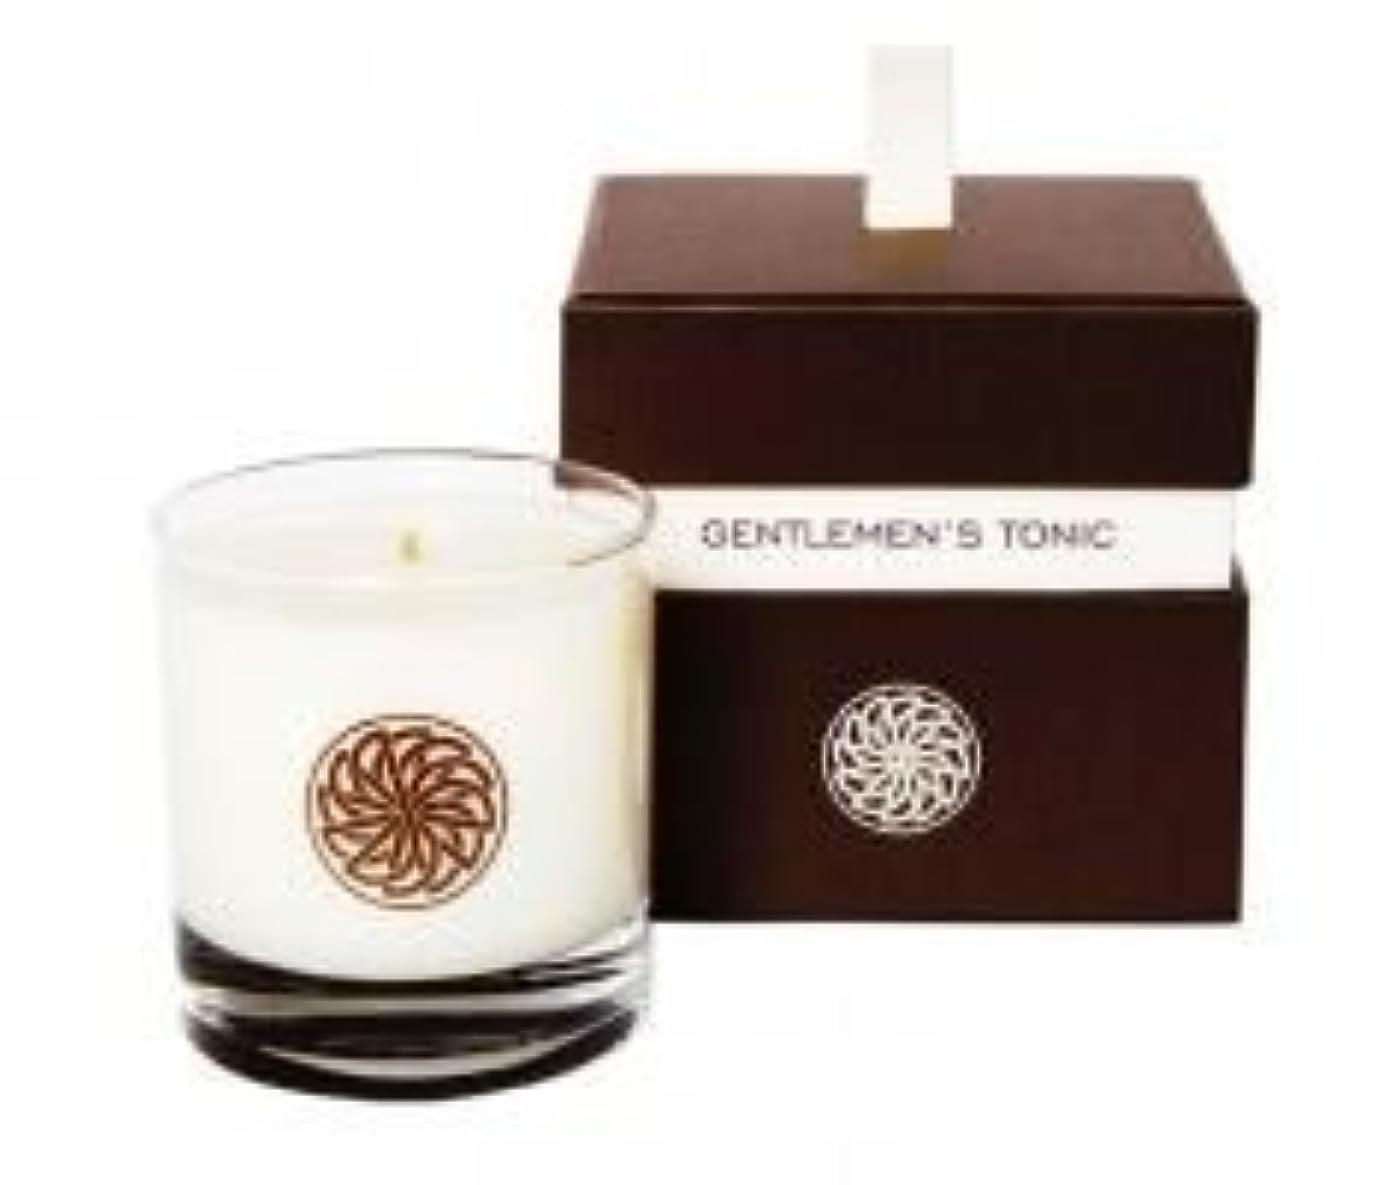 魔術突然の前Gentlemen's Tonic ジェントルメンズトニック Gift Candle Box (ギフトキャンドルボックス) 300g